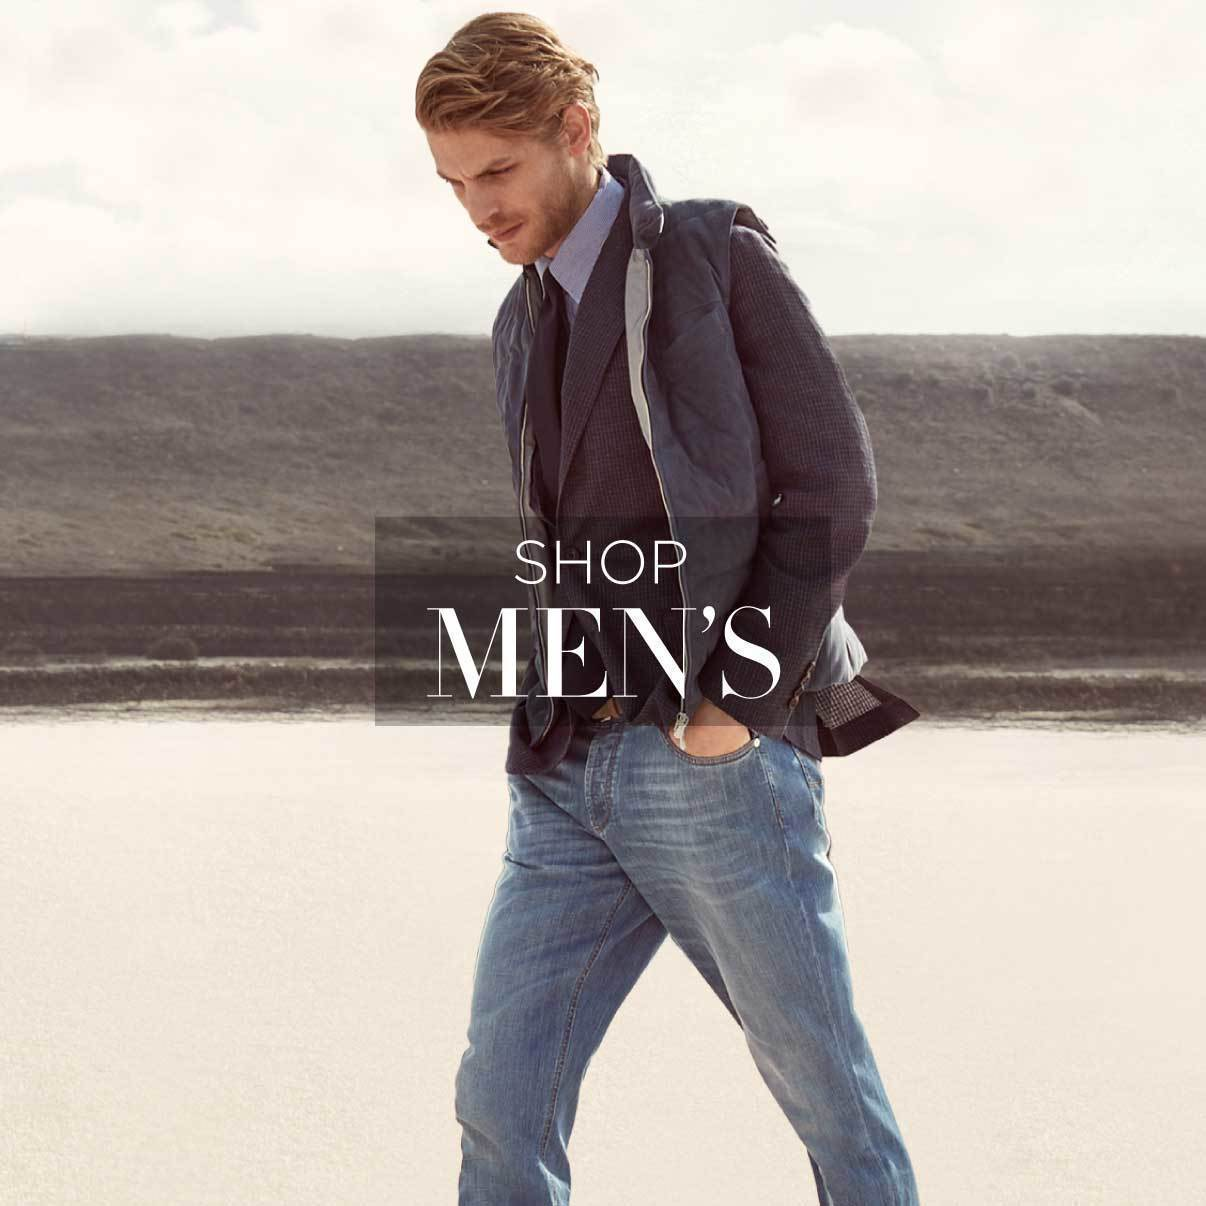 Shop designer men's clothing